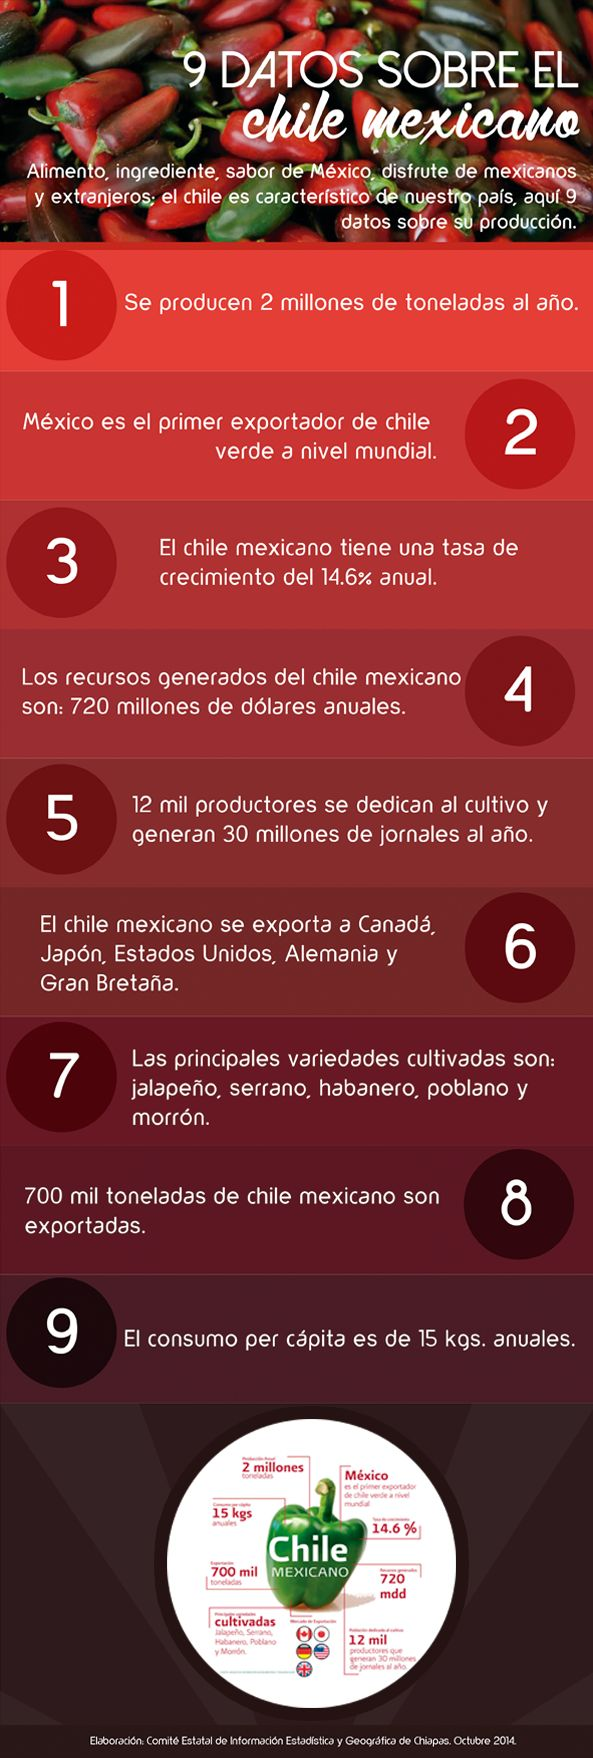 El chile en México